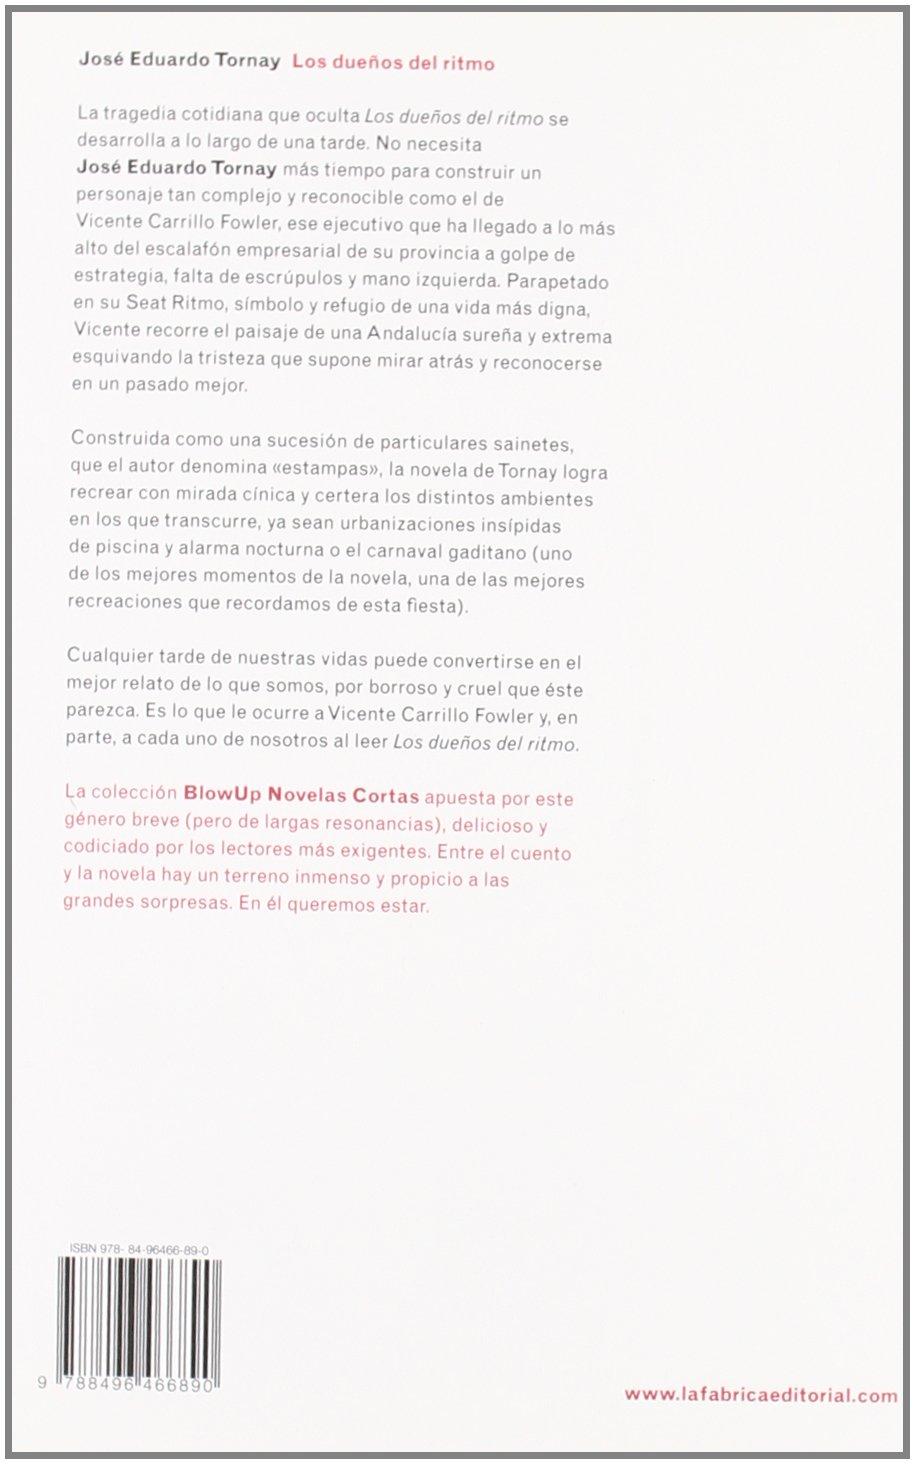 Los Duenos del Ritmo (Spanish Edition): José Eduardo Tornay ...